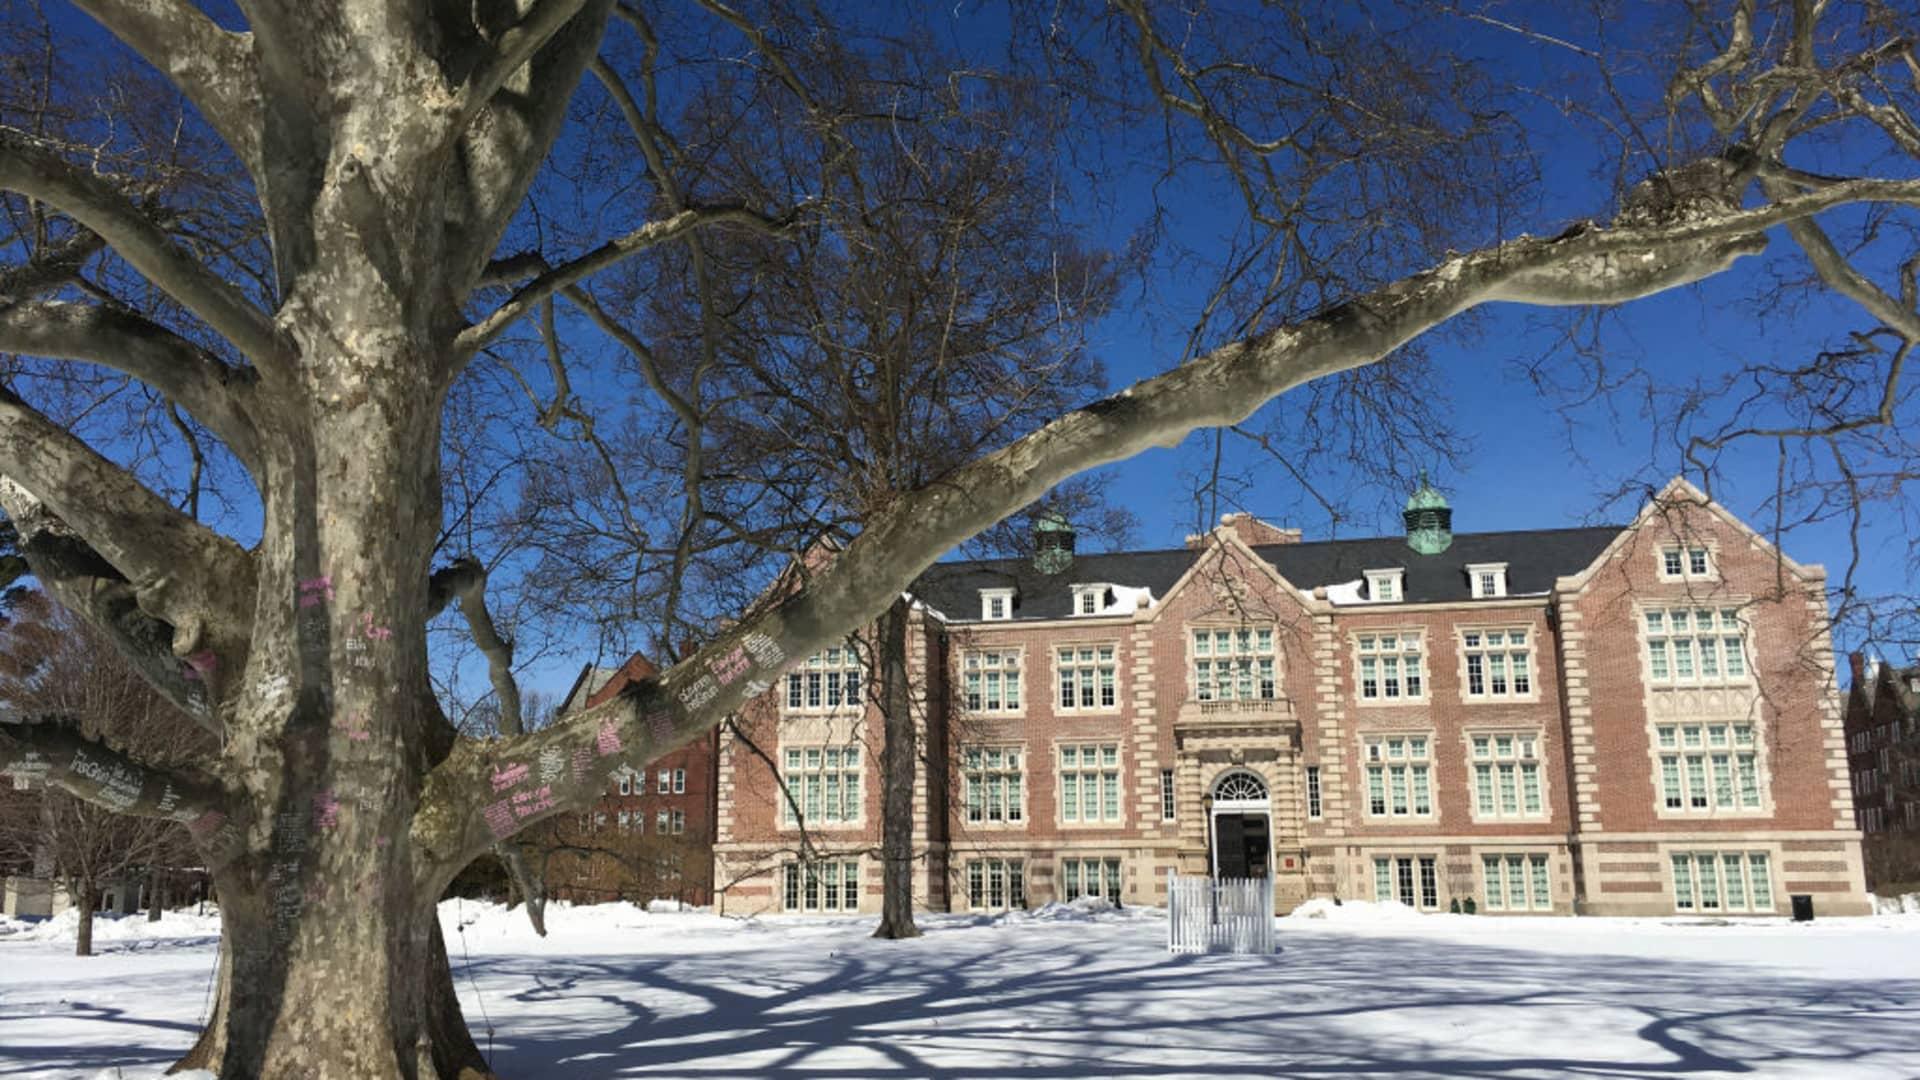 Rockefeller Hall at Vassar College in Poughkeepsie, New York